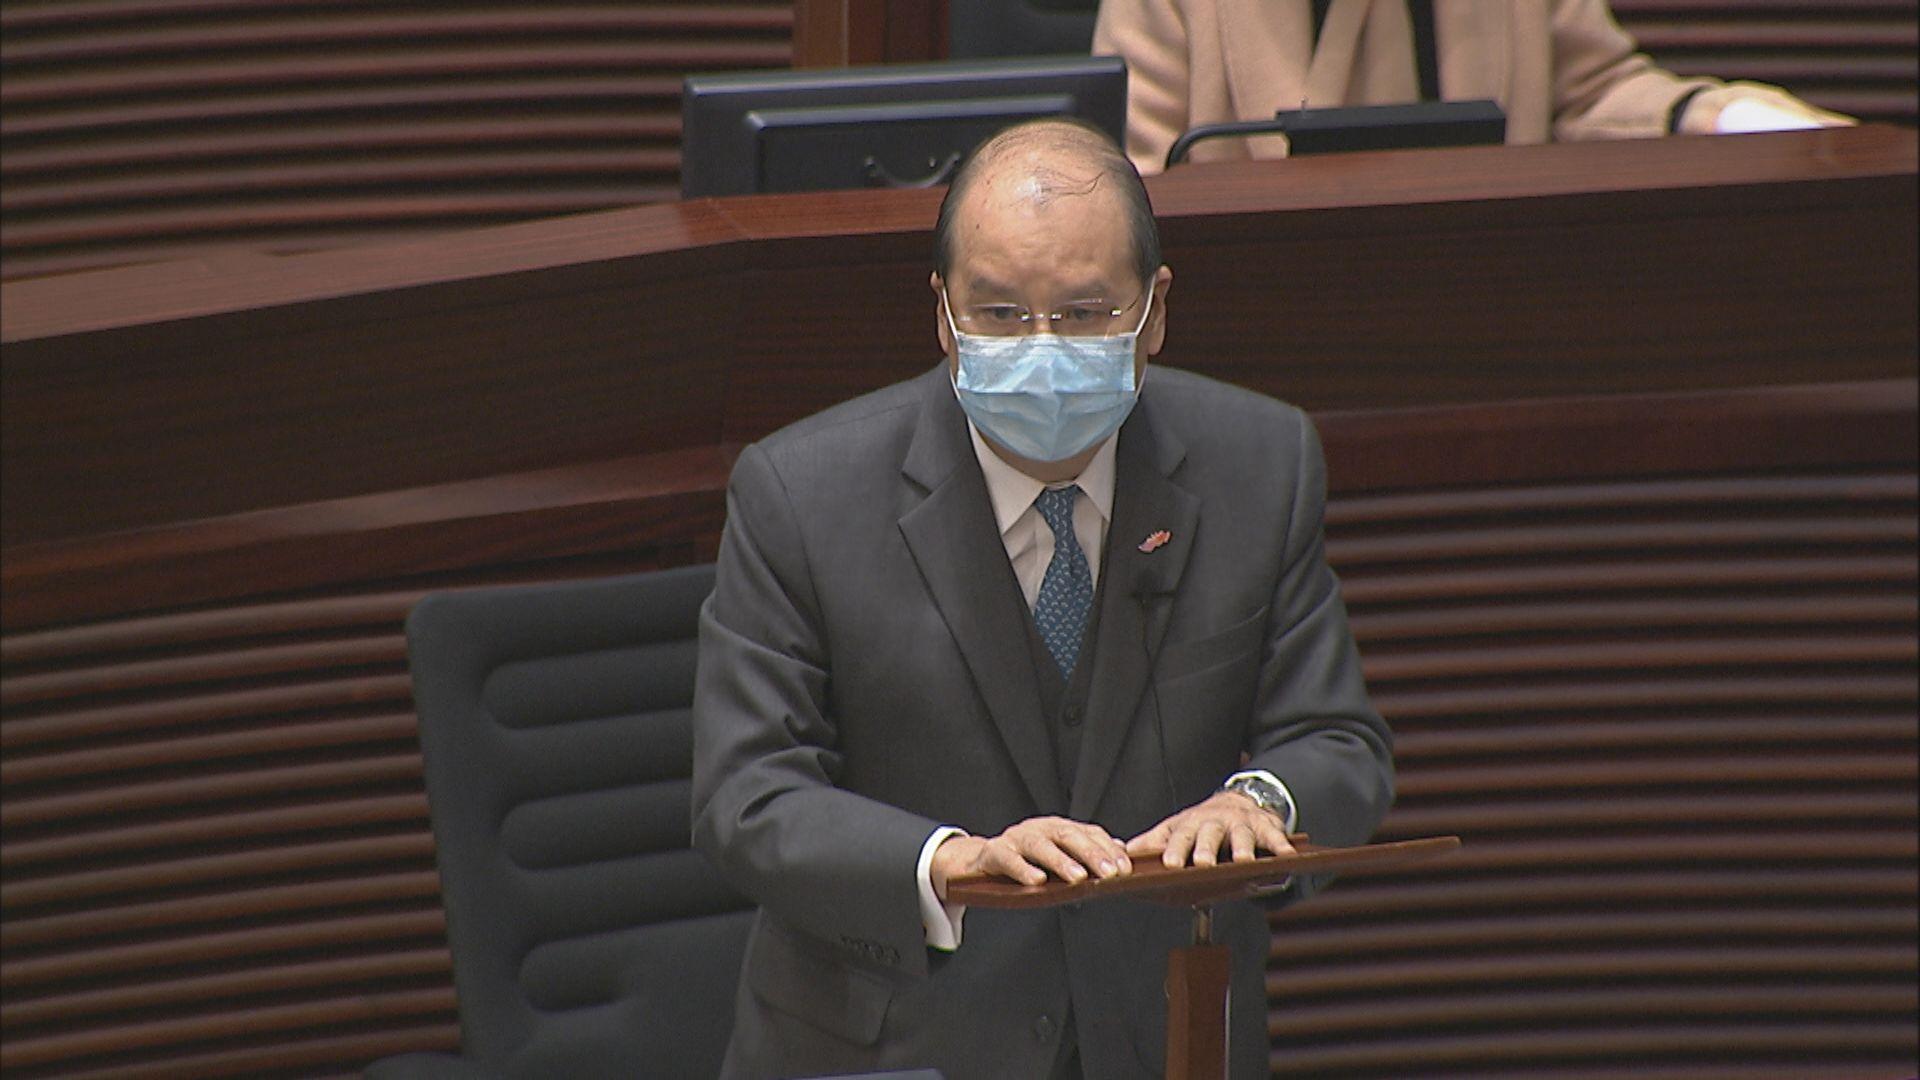 政務司司長辦公室:整體疫情受嚴密監控